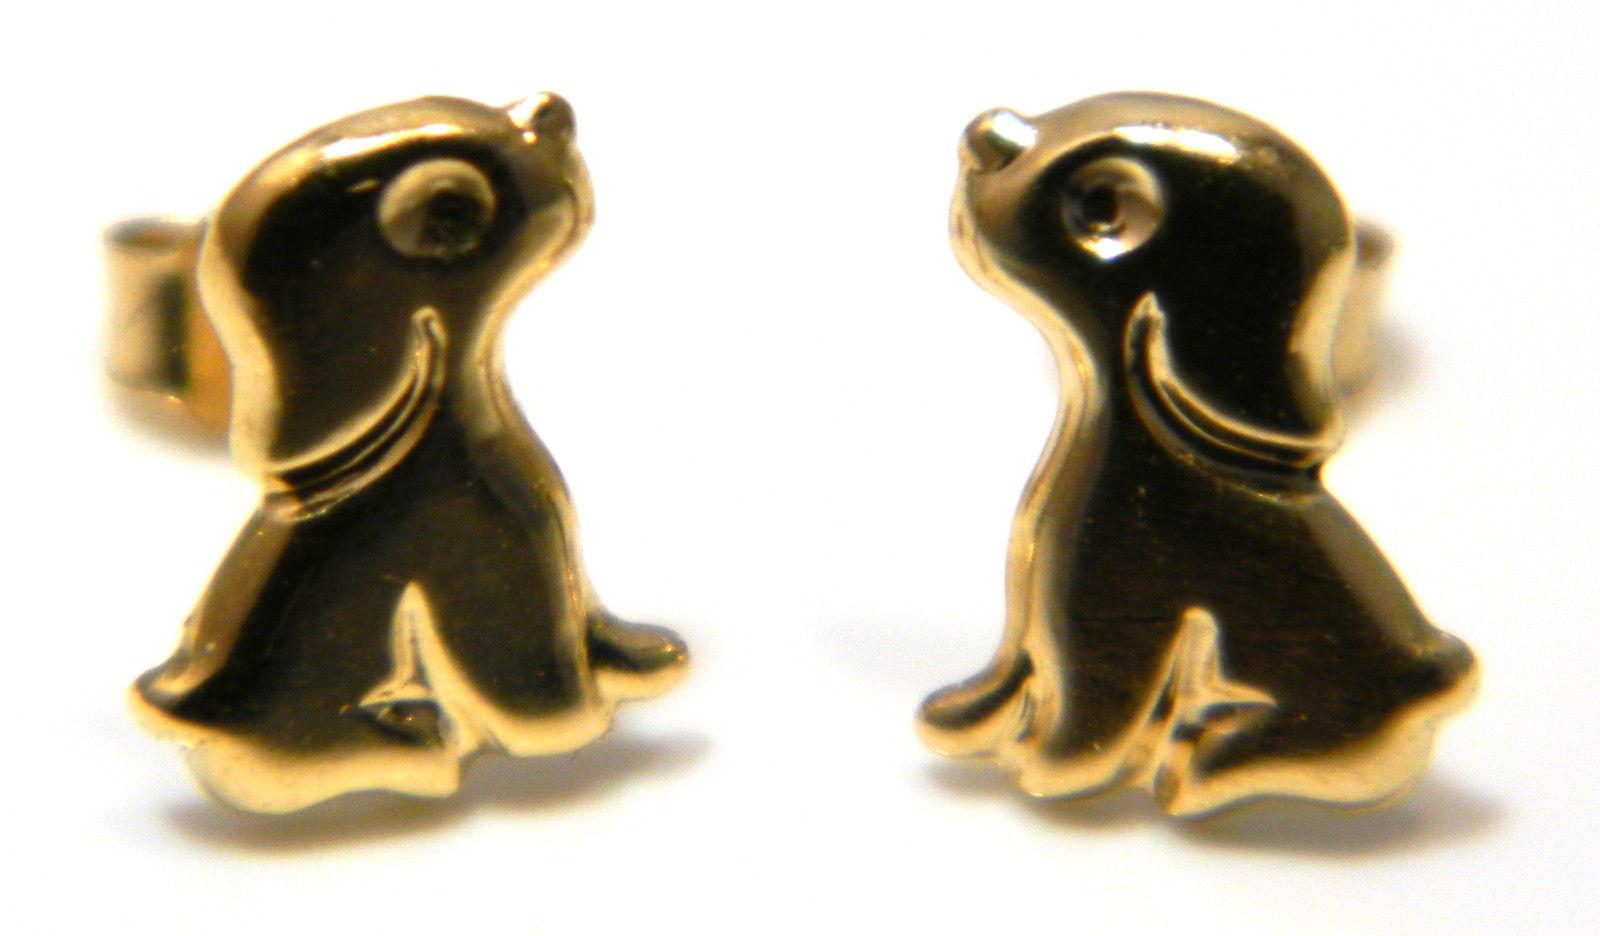 Arranview Jewellery Horseshoe Stud Earring - 9ct Gold qCTysKeJ